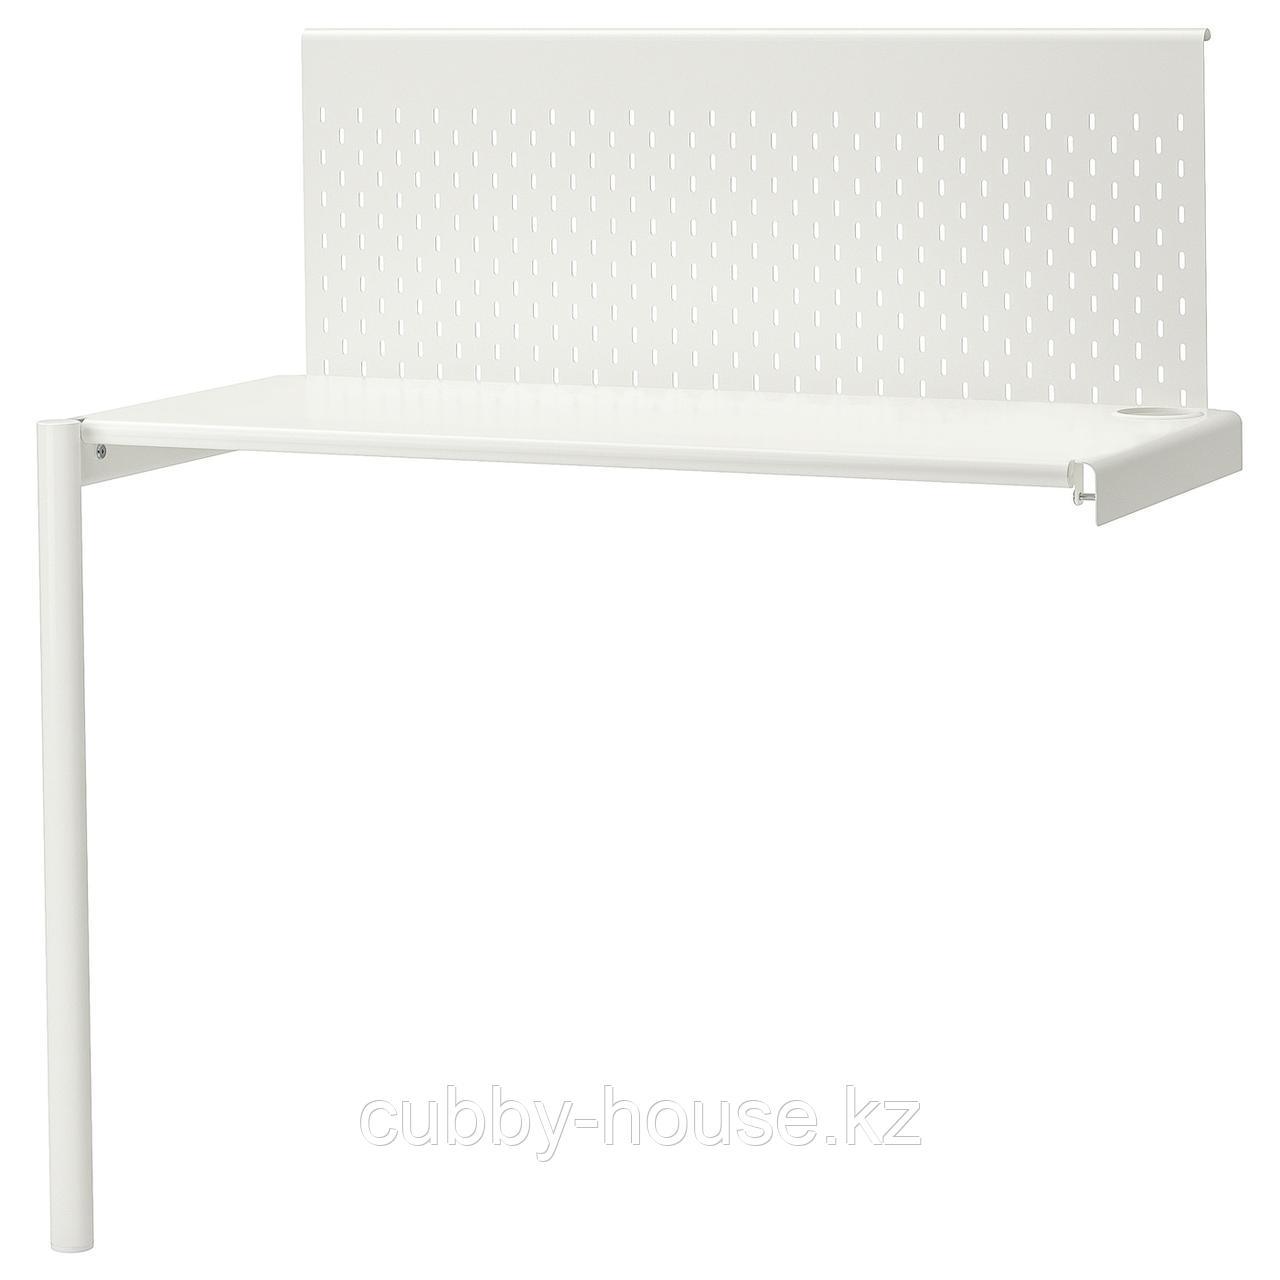 ВИТВАЛ Столешница, белый, 95x45 см